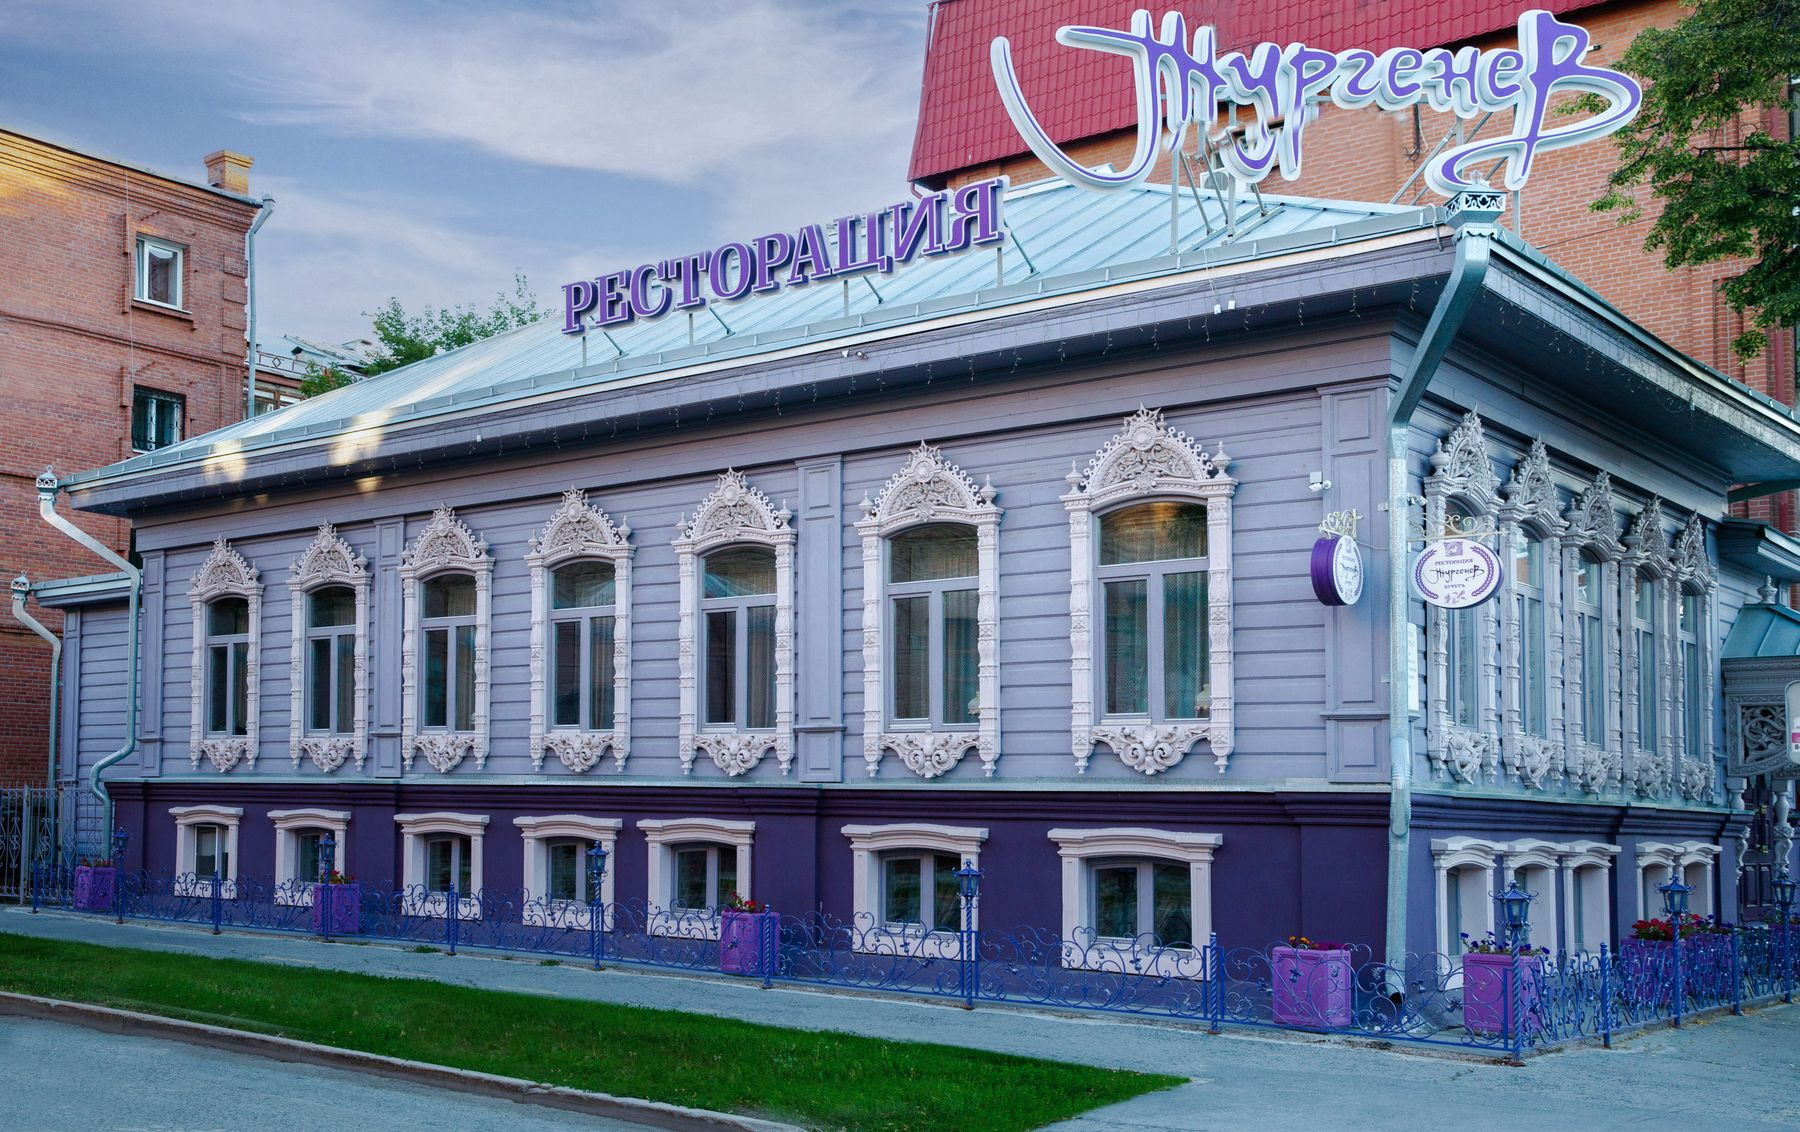 Дом Чираловых. Архитектура Чиралов Купец Кожевенноепроизводство